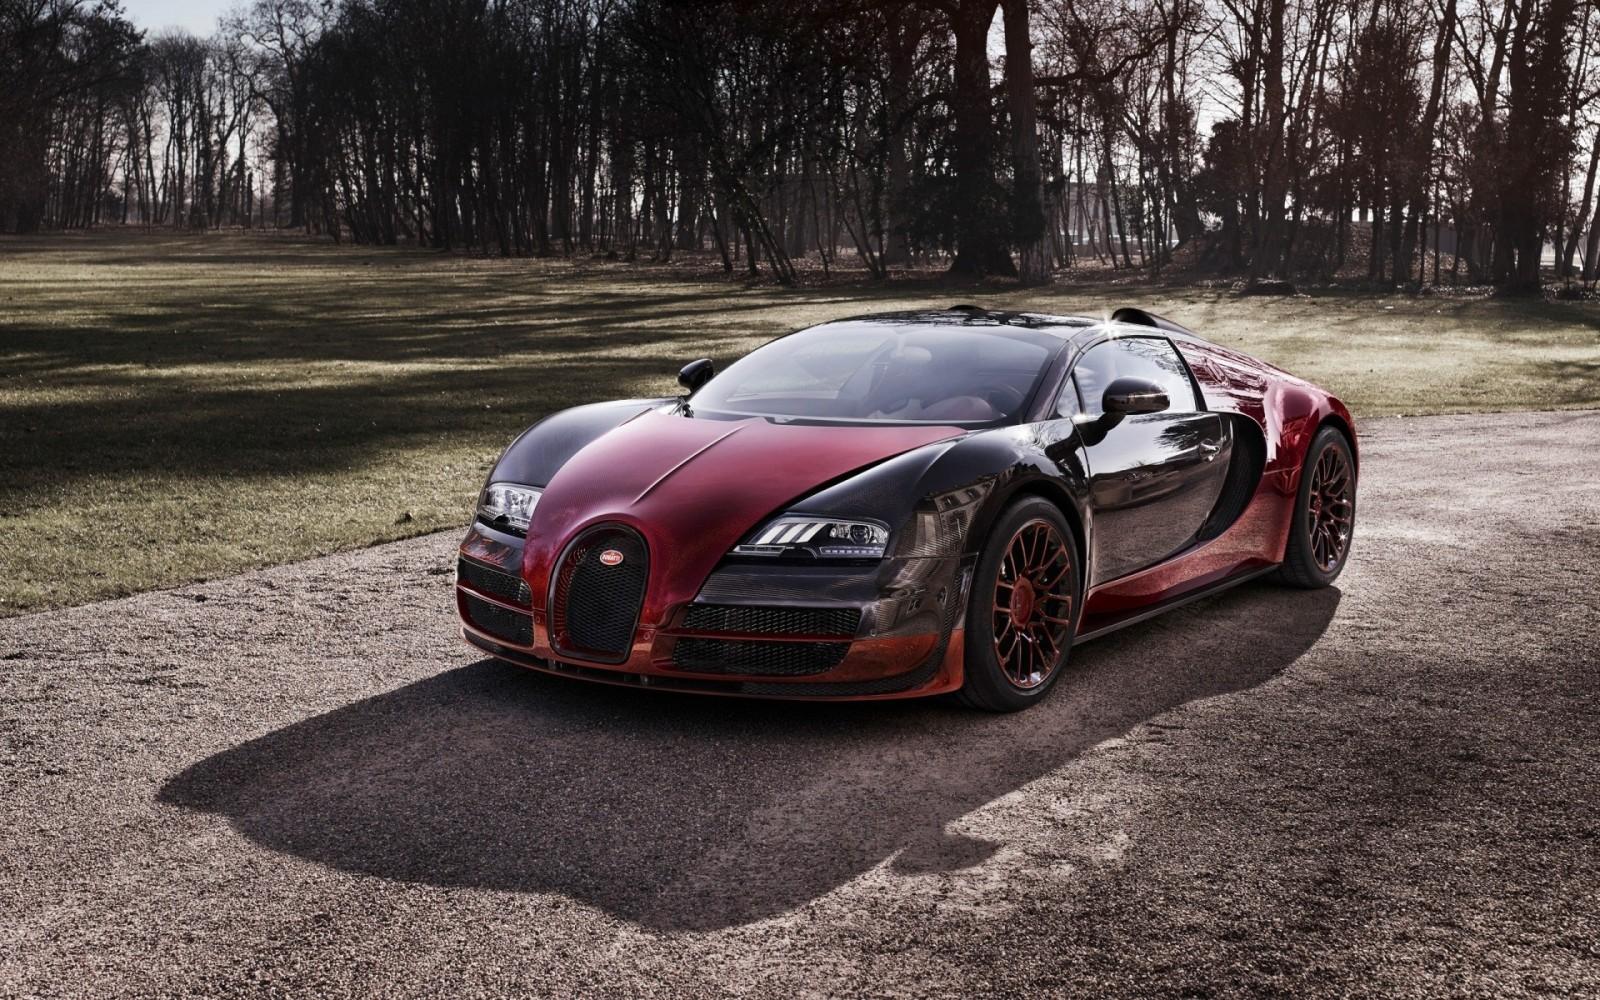 Bugatti_Veyron_16_4_Grand_Sport_Vitesse_La_Finale_Bugatti_Veyron_Grand_Sport_Vitesse_Bugatti-155444 (2).jpg